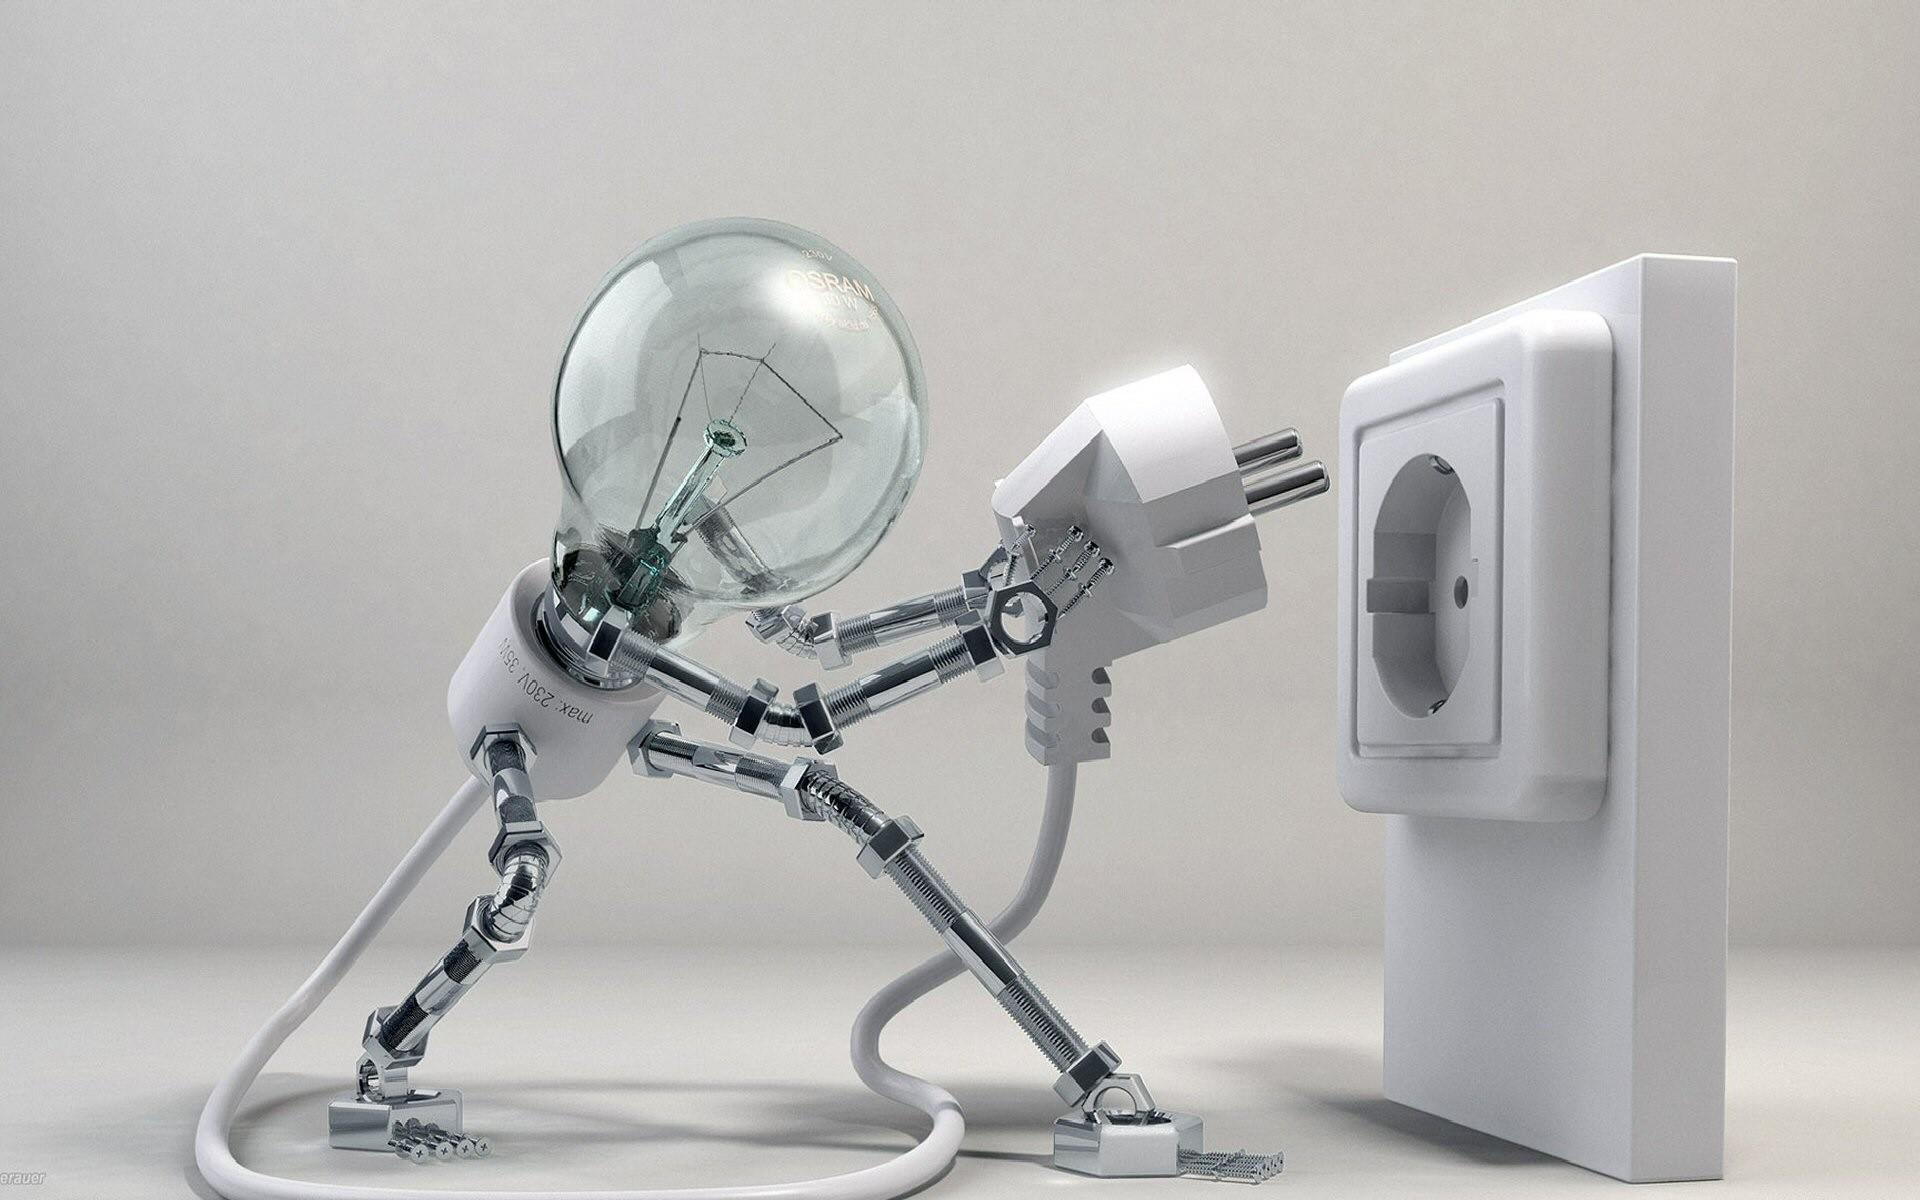 اسعار الكهرباء الجديدة 2016